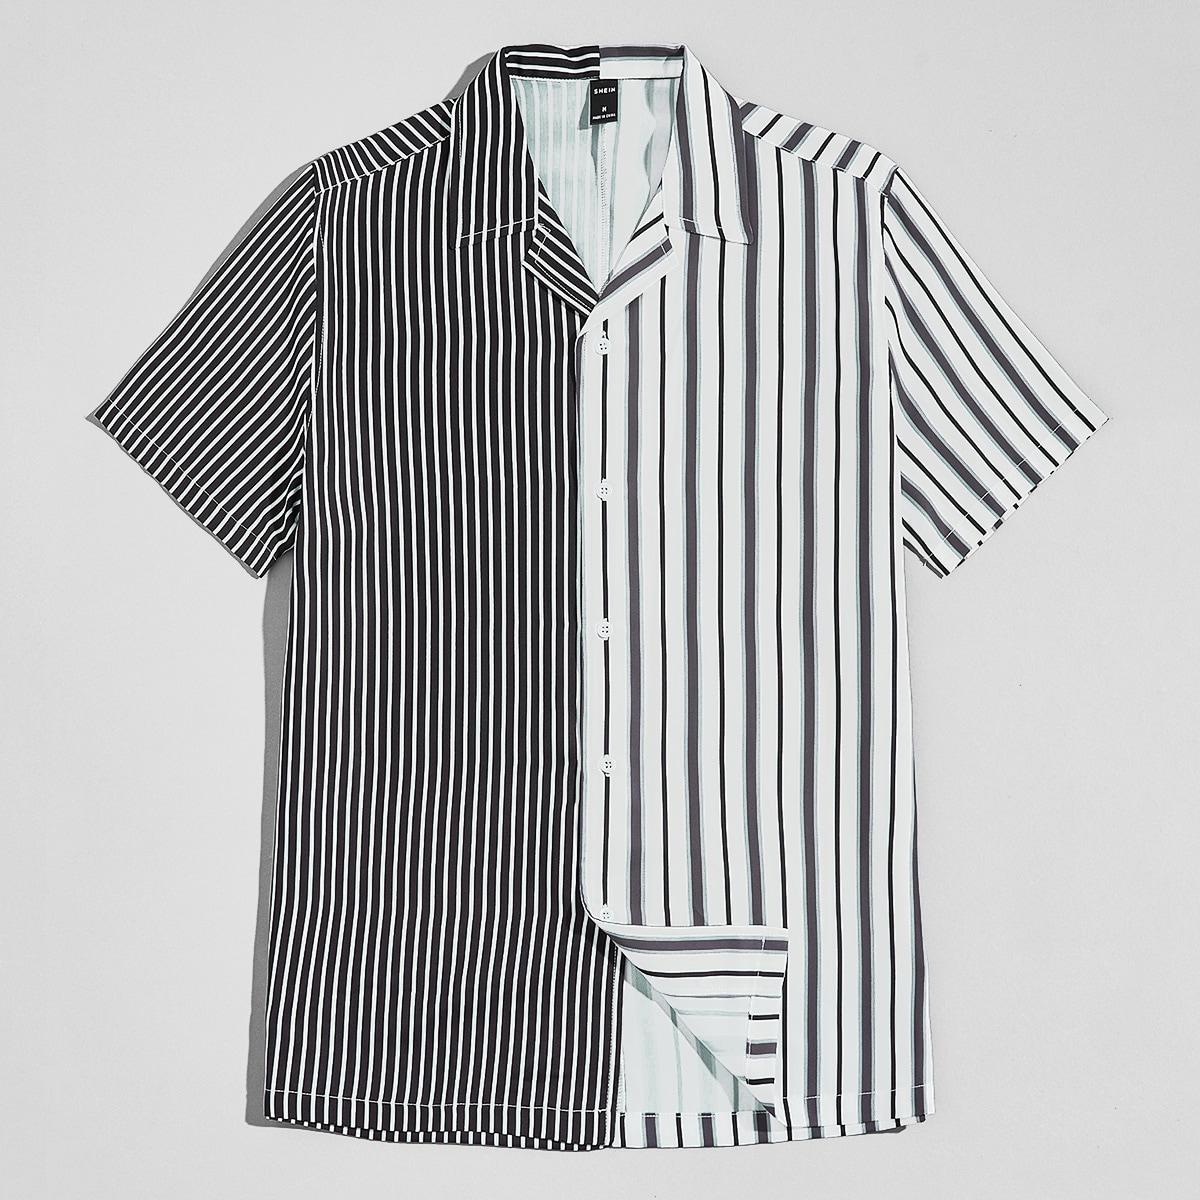 Мужская рубашка в полоску SheIn smshirt07210522575